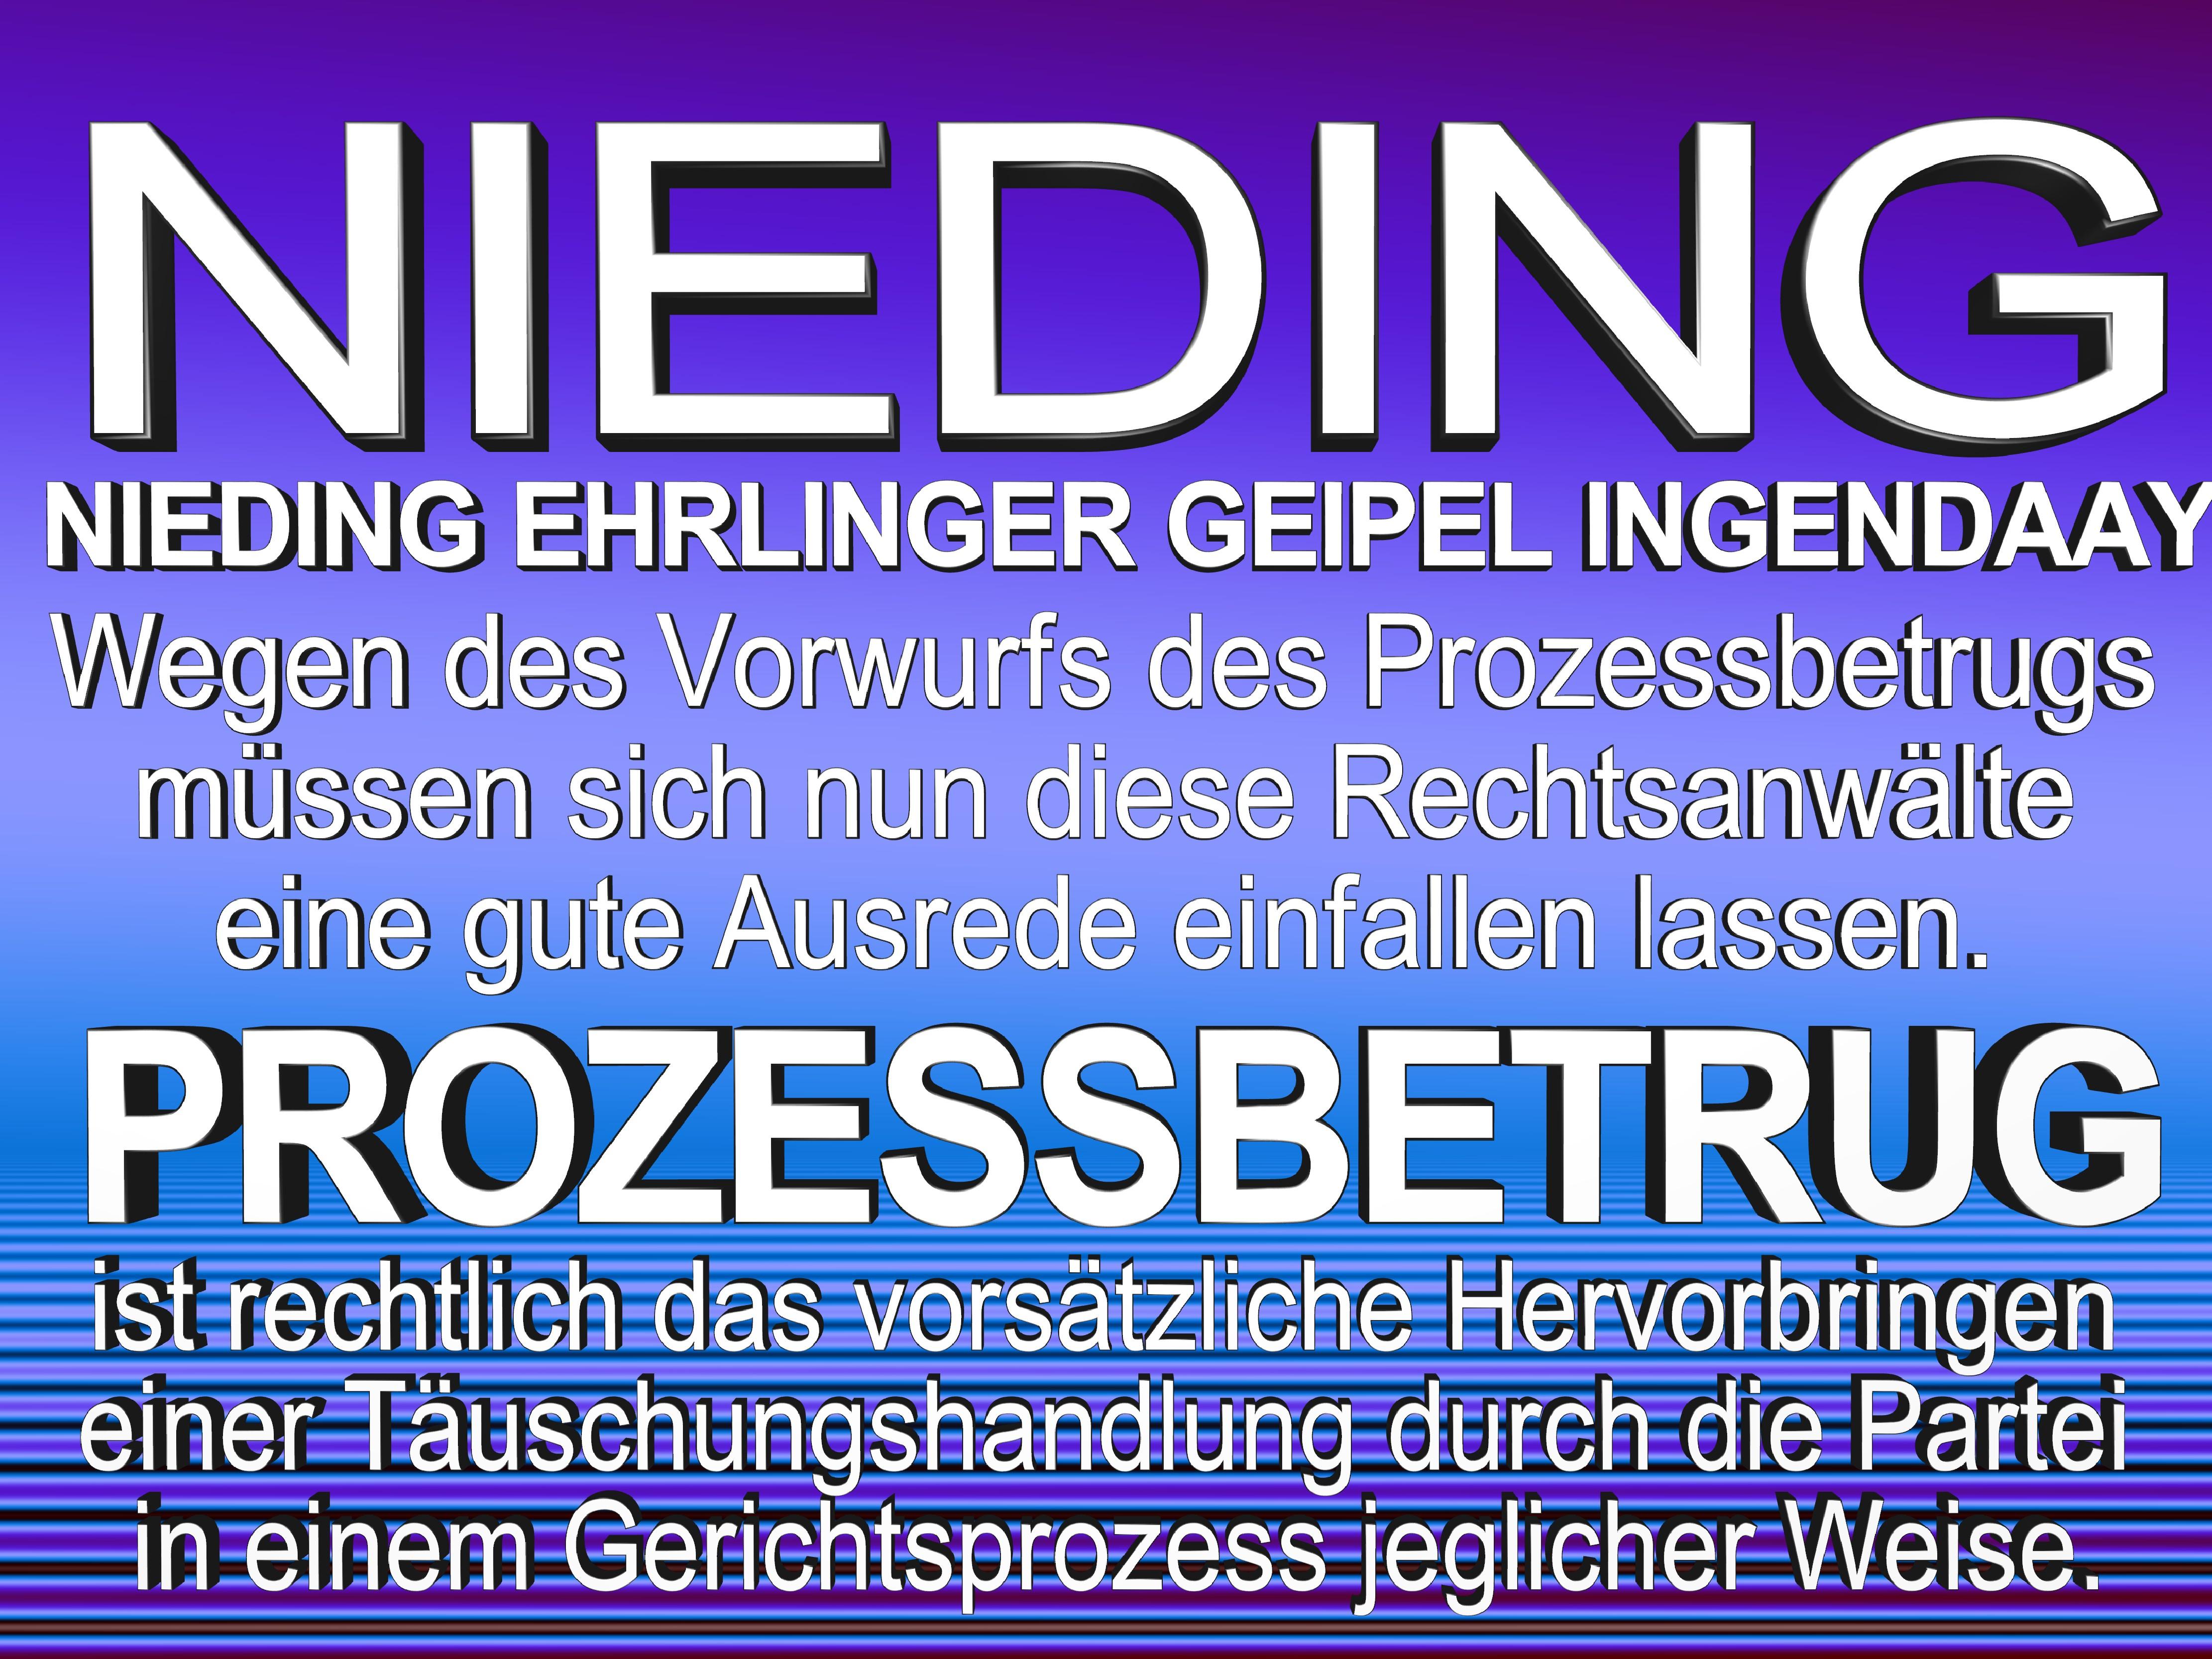 NIEDING EHRLINGER GEIPEL INGENDAAY LELKE Kurfürstendamm 66 Berlin (139)